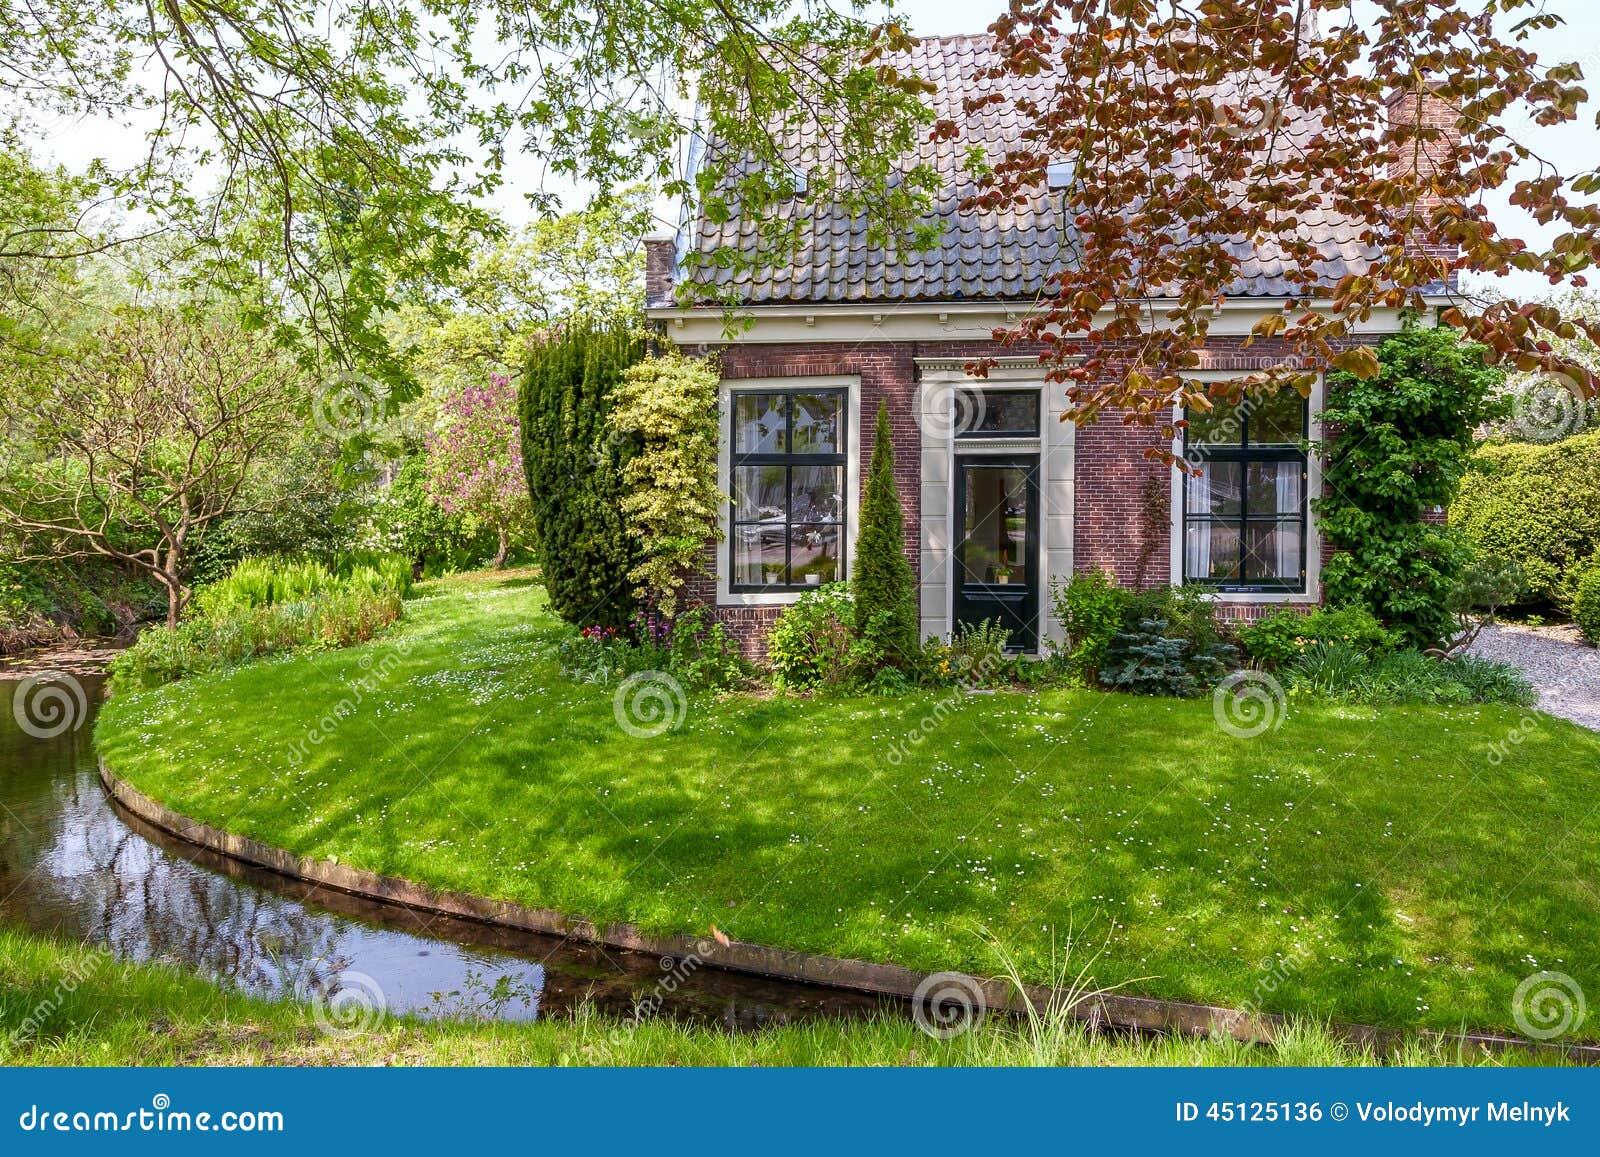 petite maison avec du charme aux pays bas photo stock image 45125136. Black Bedroom Furniture Sets. Home Design Ideas